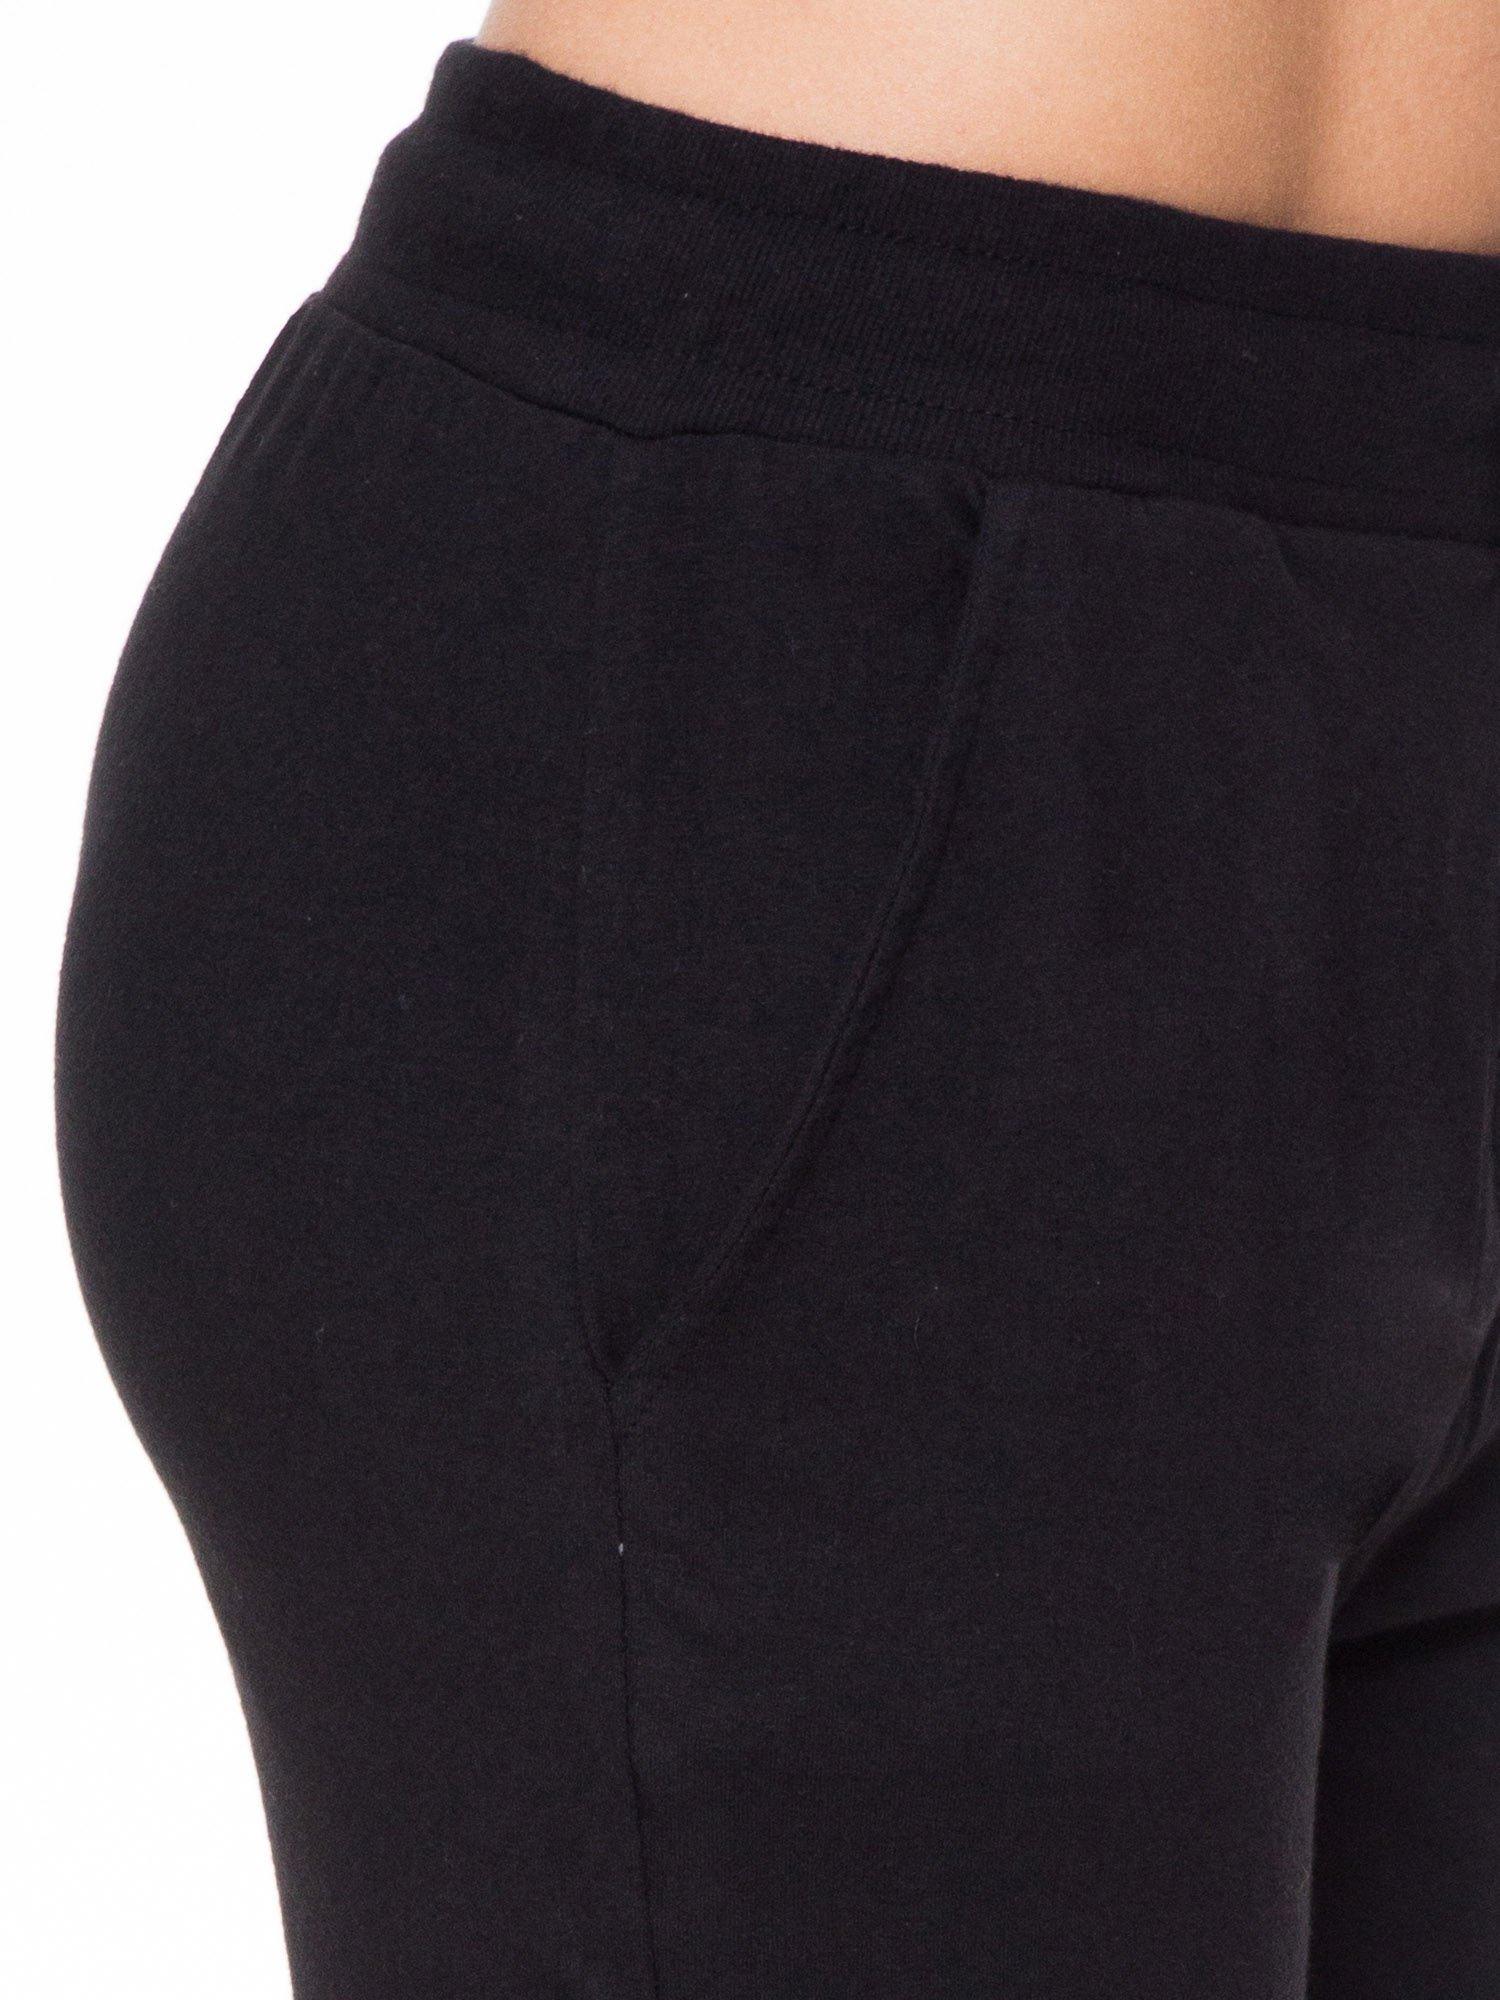 Klasyczne czarne spodnie dresowe wiązane w pasie                                  zdj.                                  6